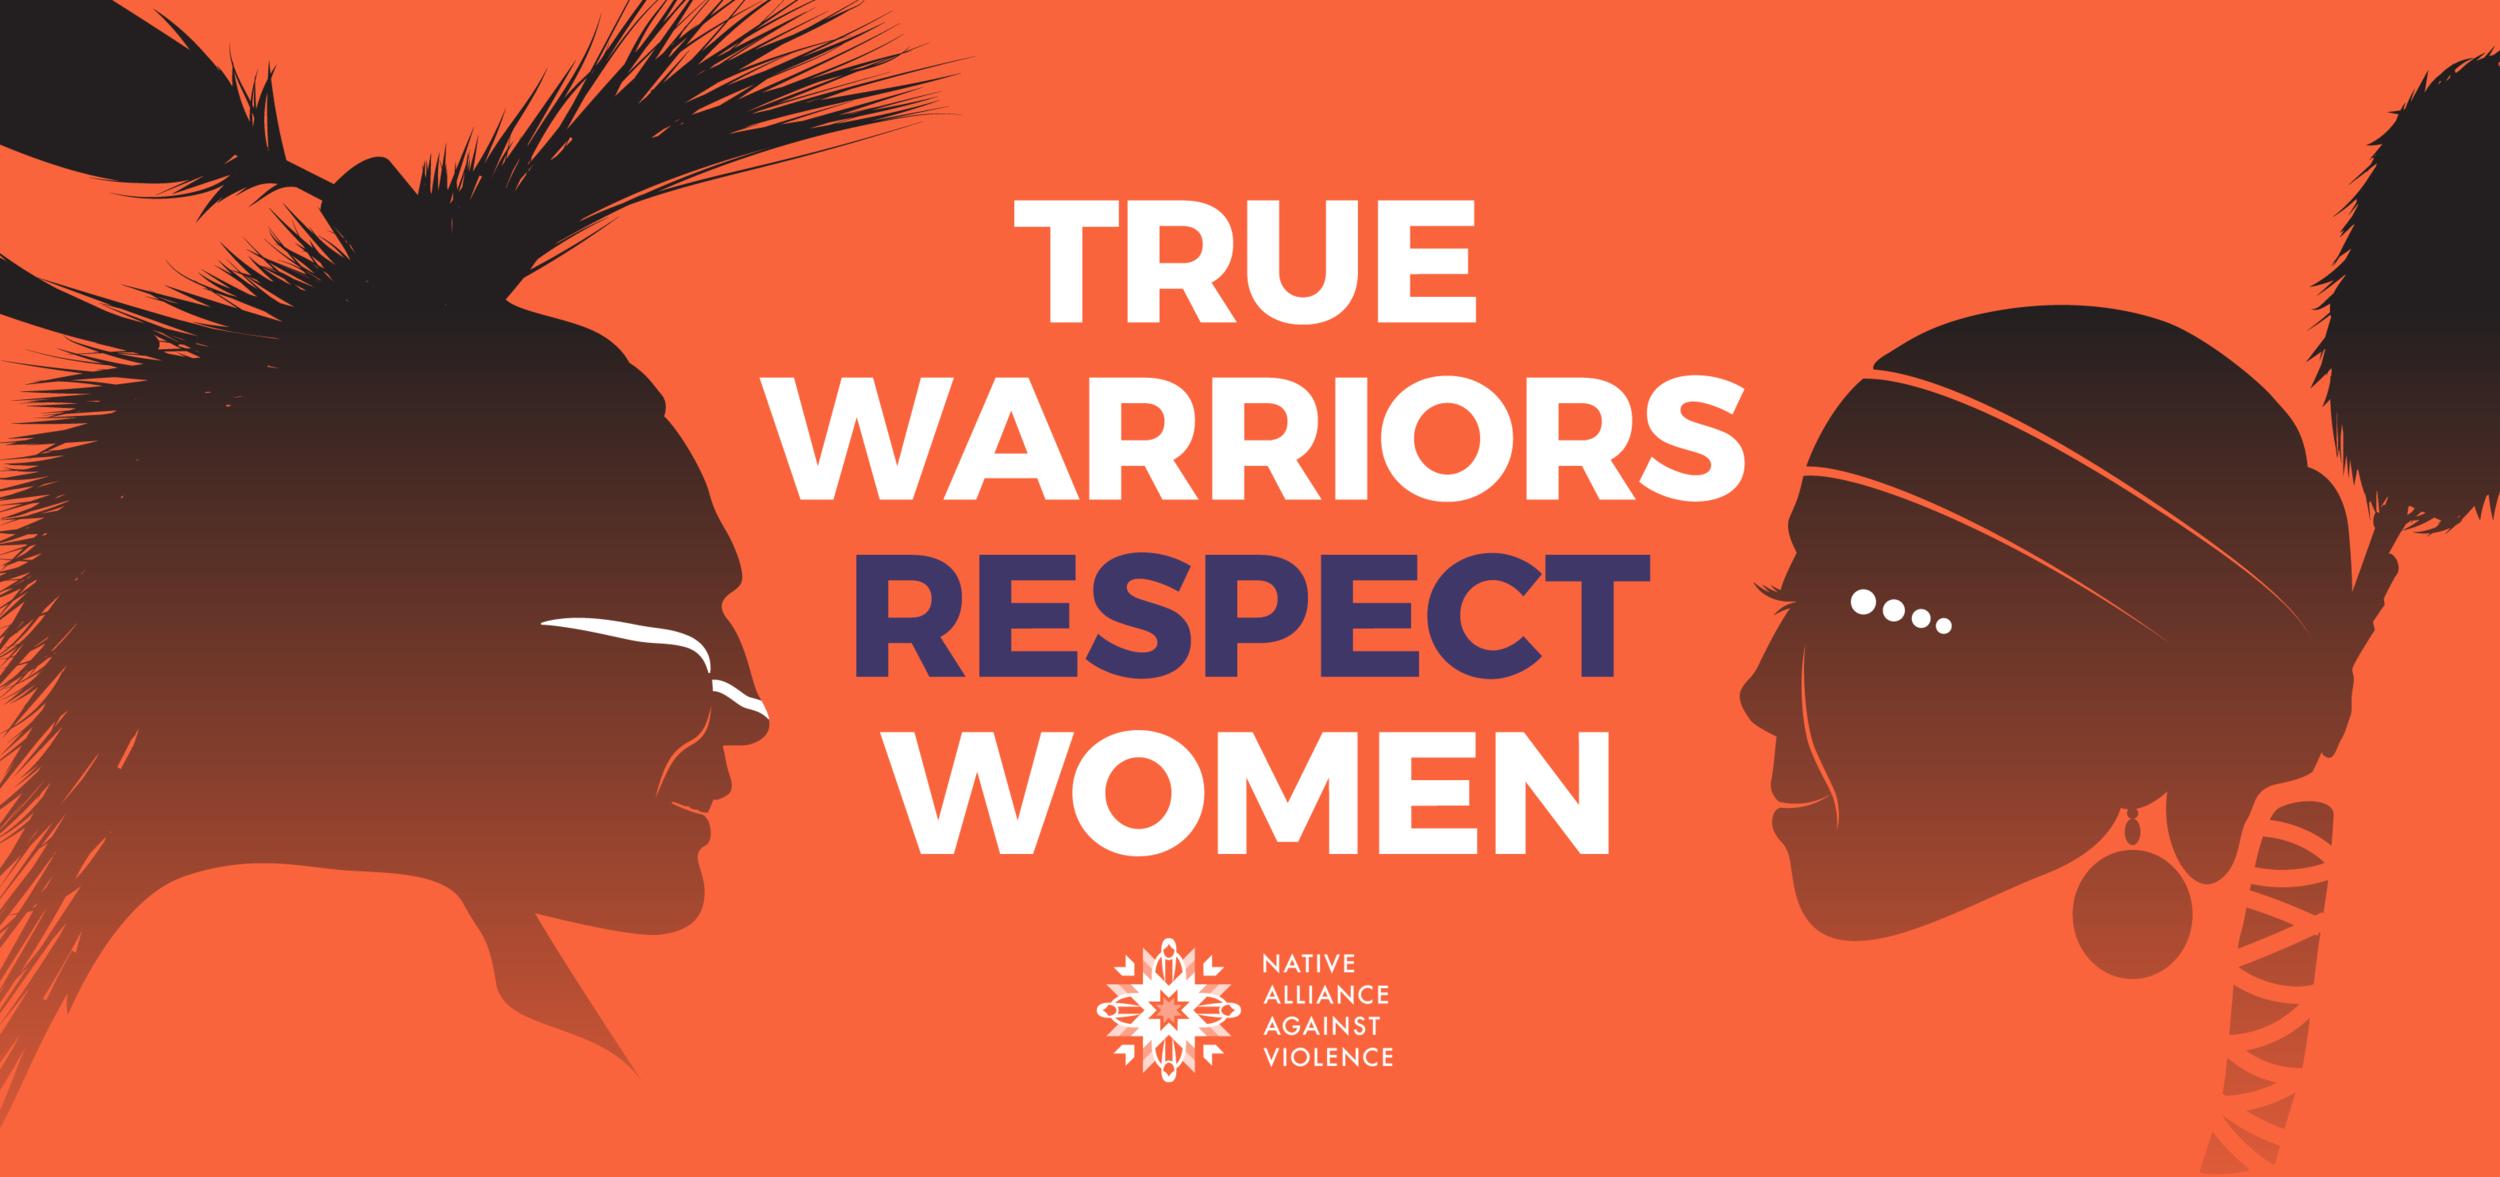 True Warriors Respect Women.png